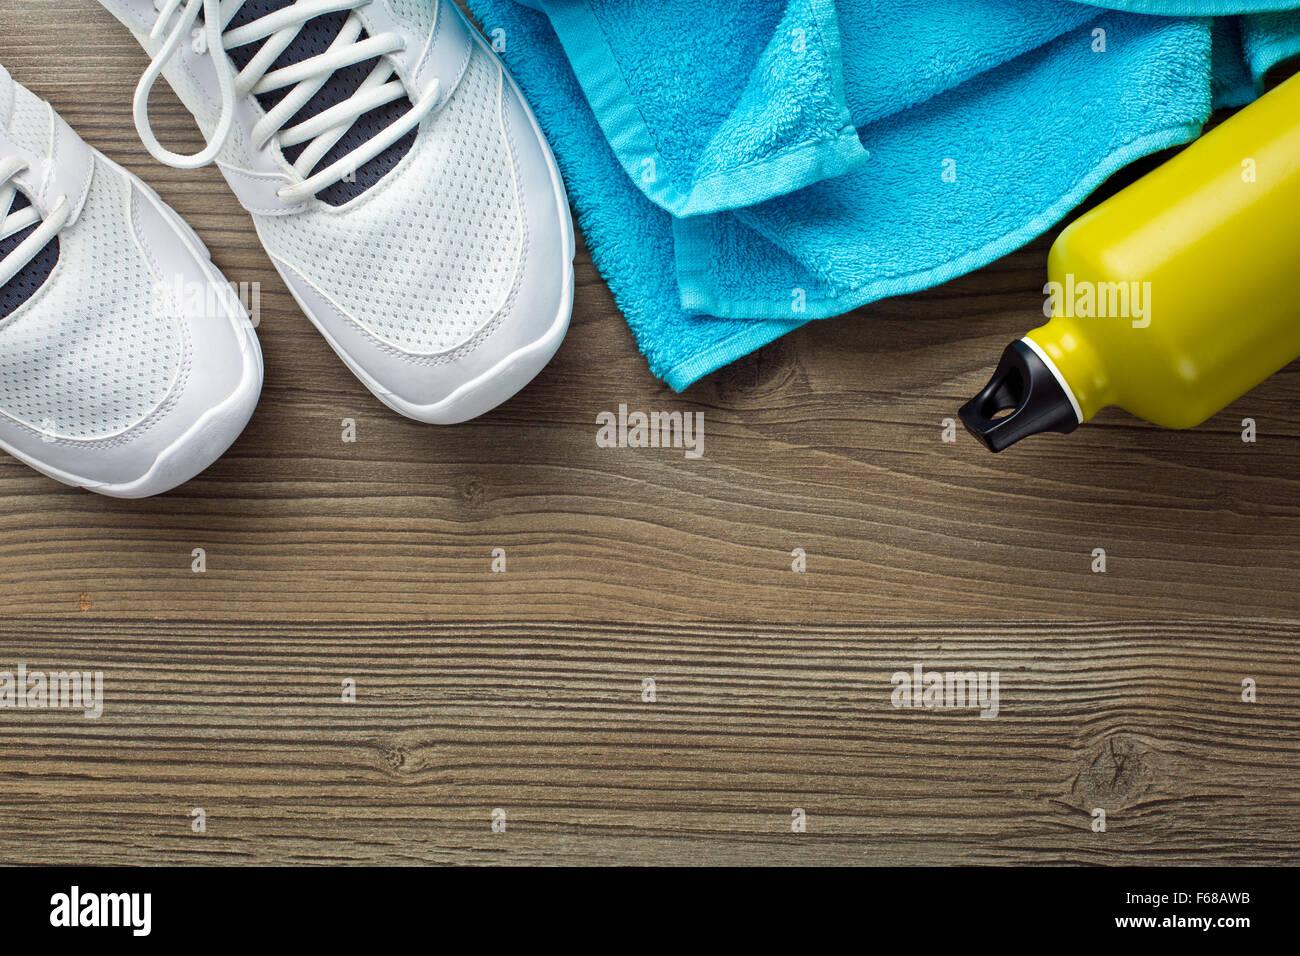 El deporte concepto. Botella, zapatos y toalla Imagen De Stock